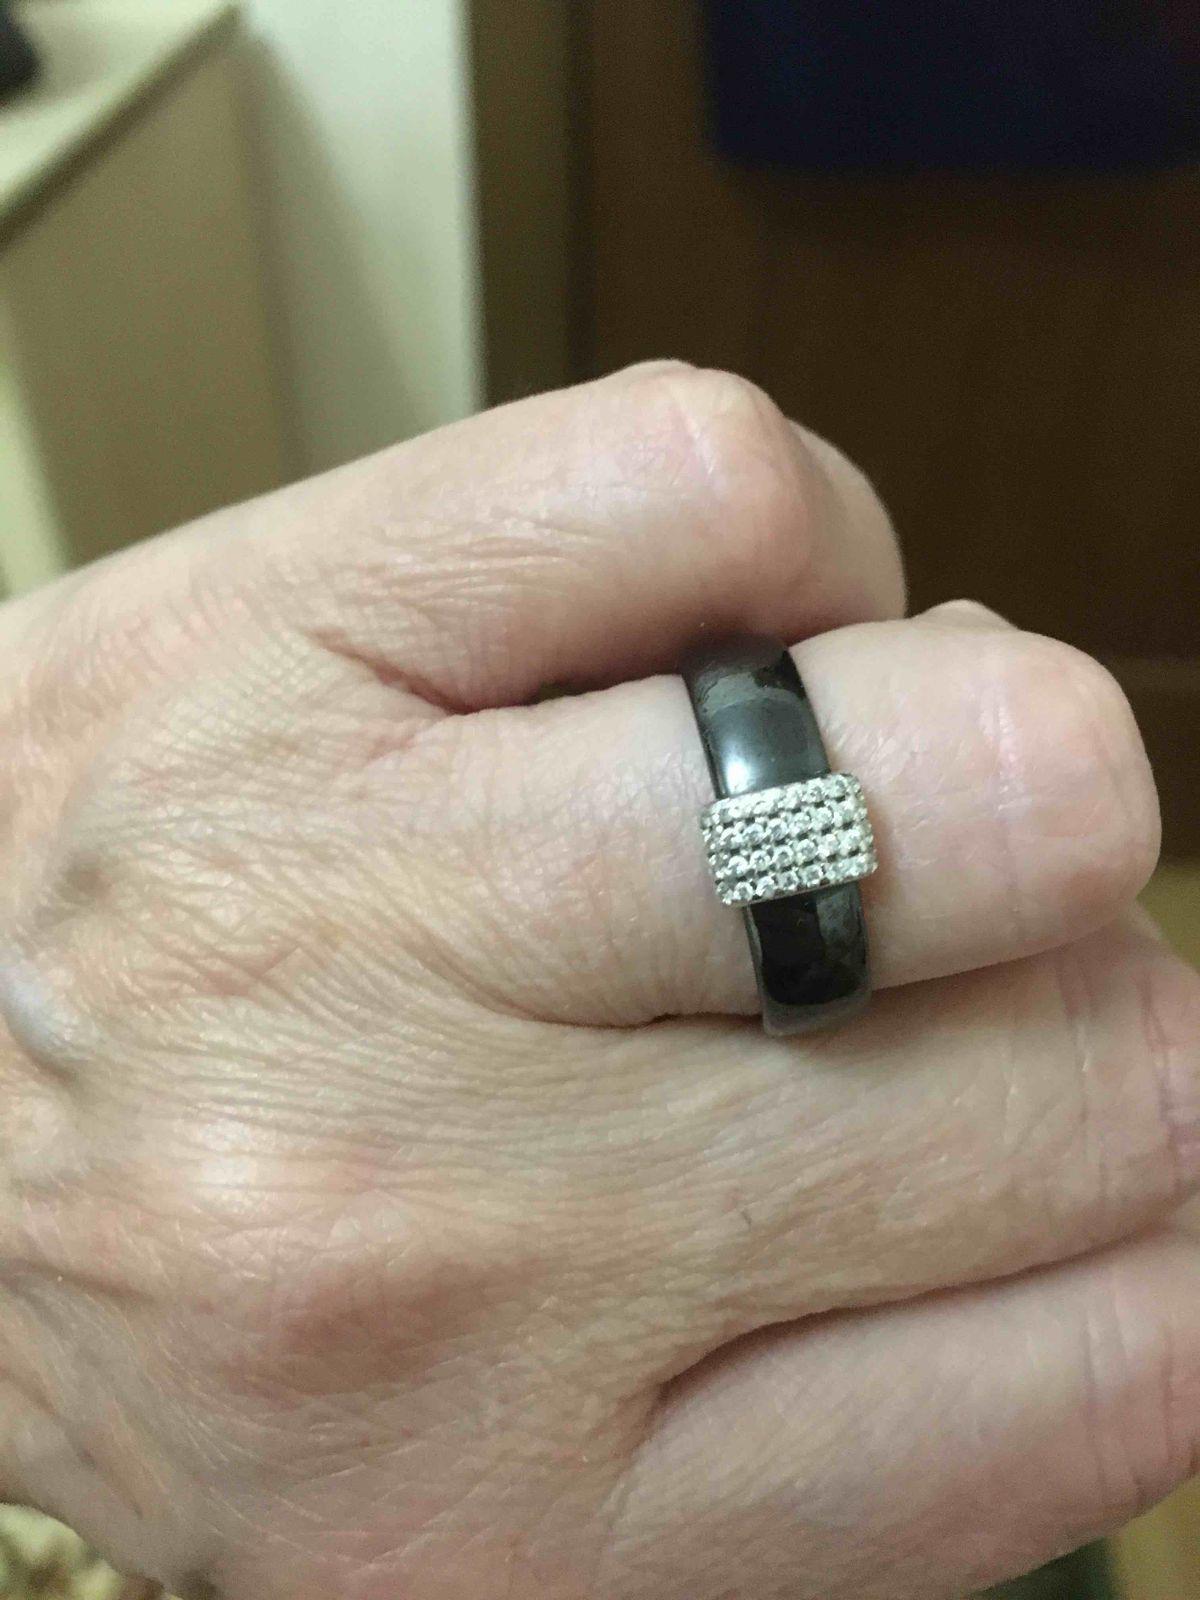 Кольцо хорошее красивое и стильное.